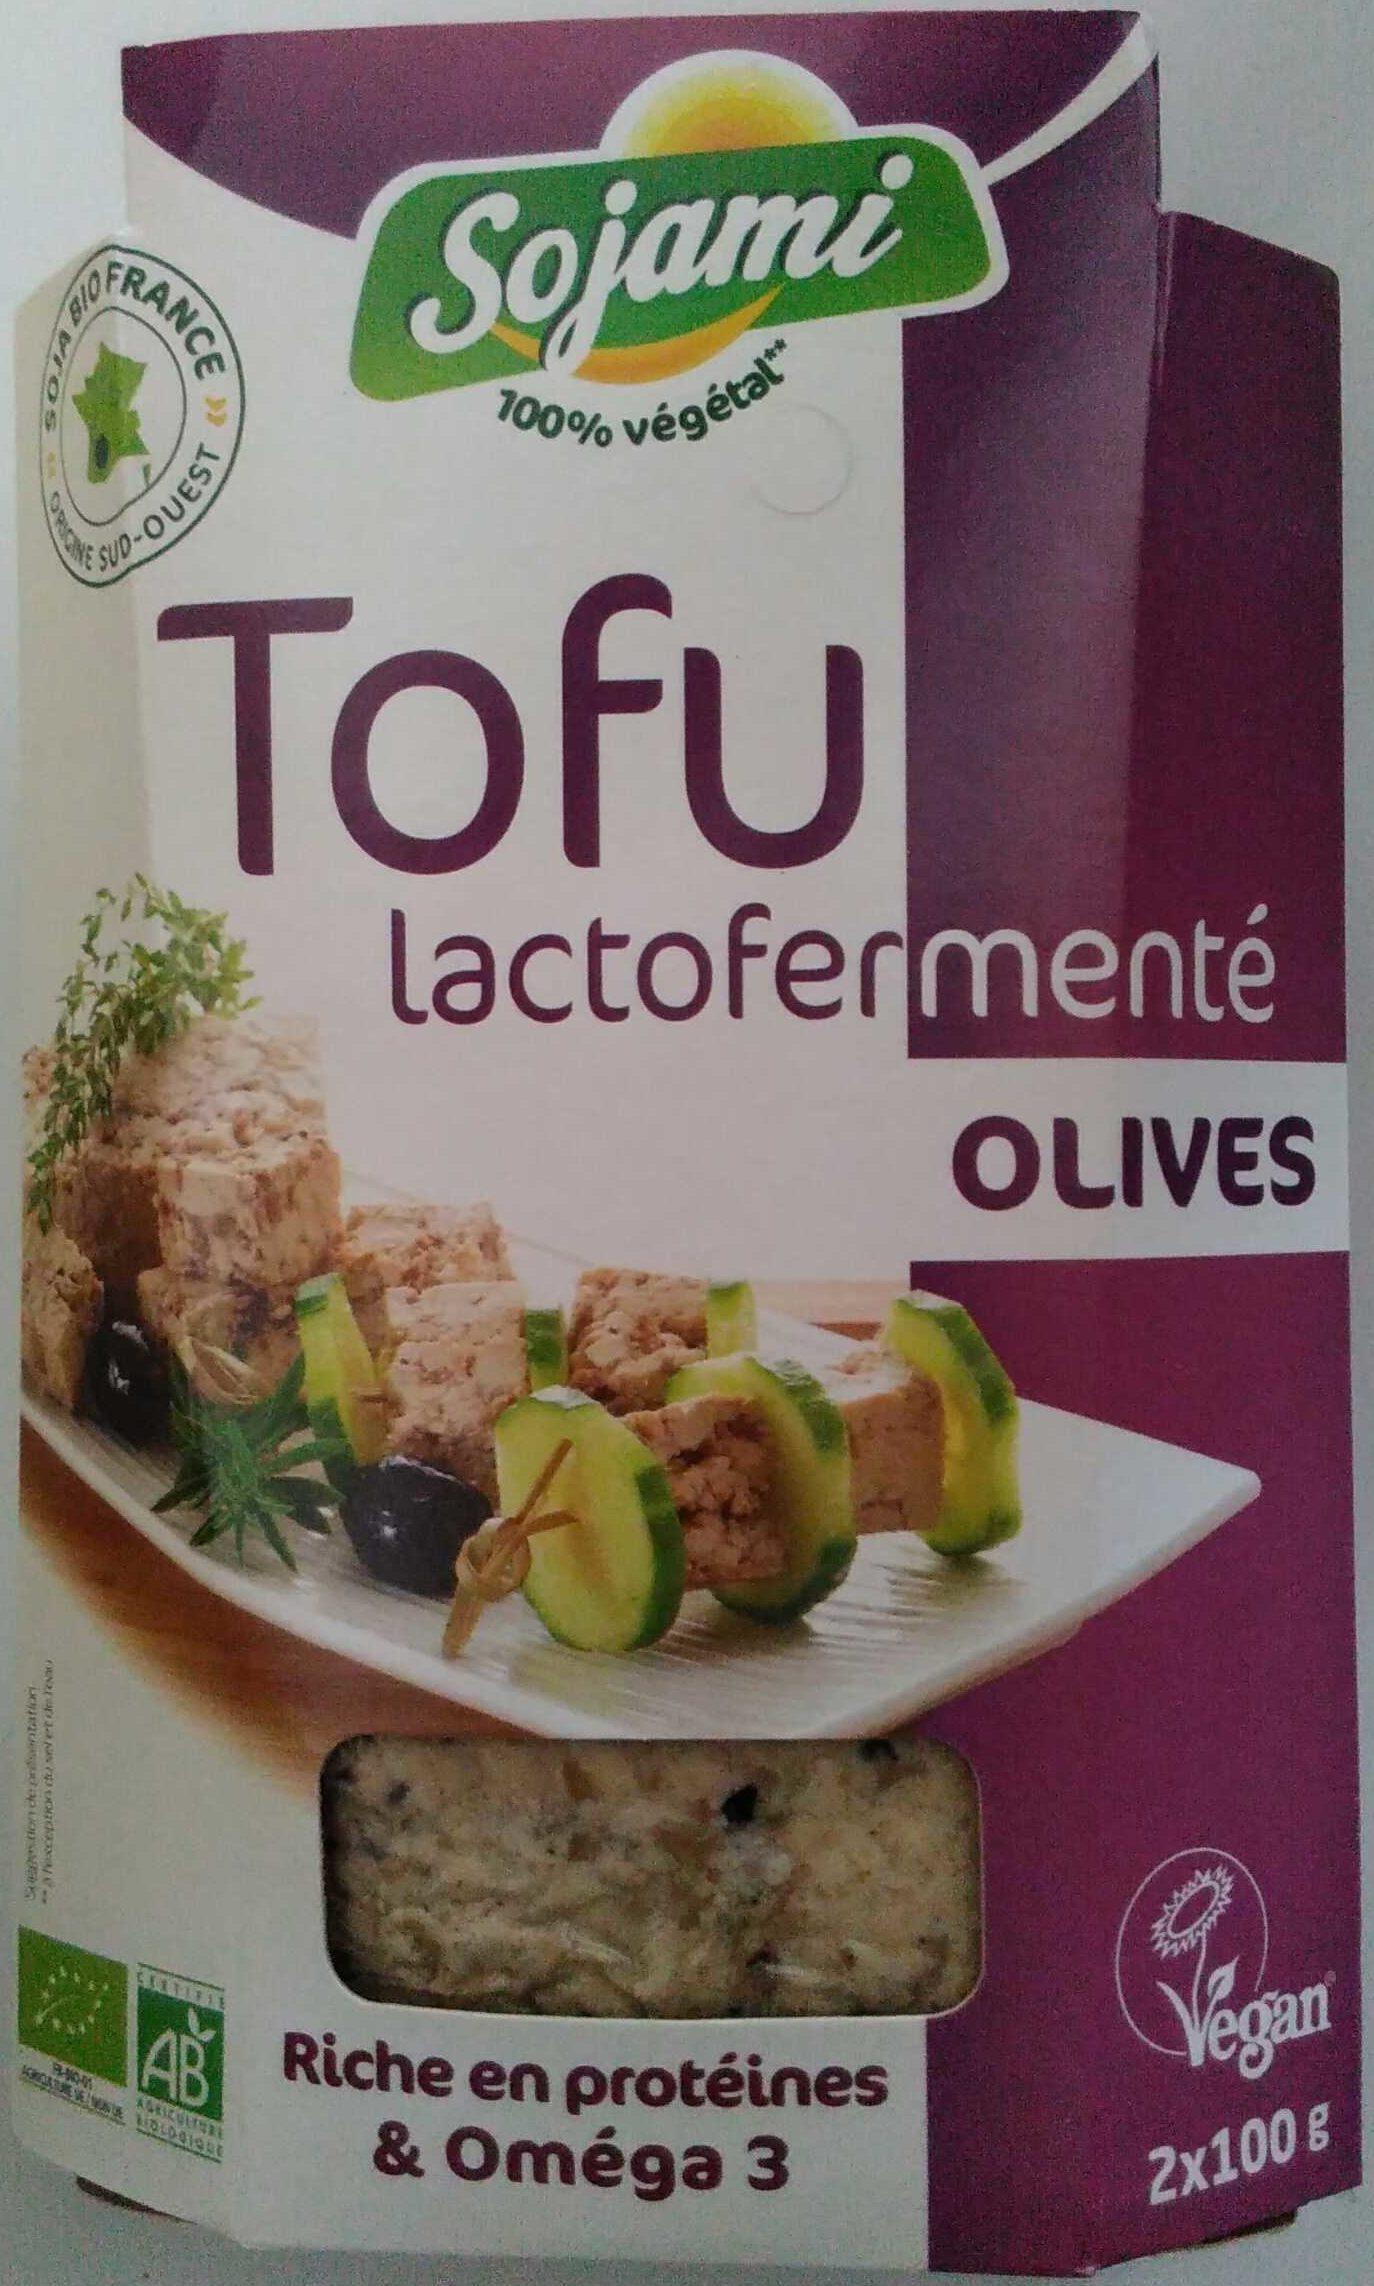 Tofu lactofermenté olives - Product - fr